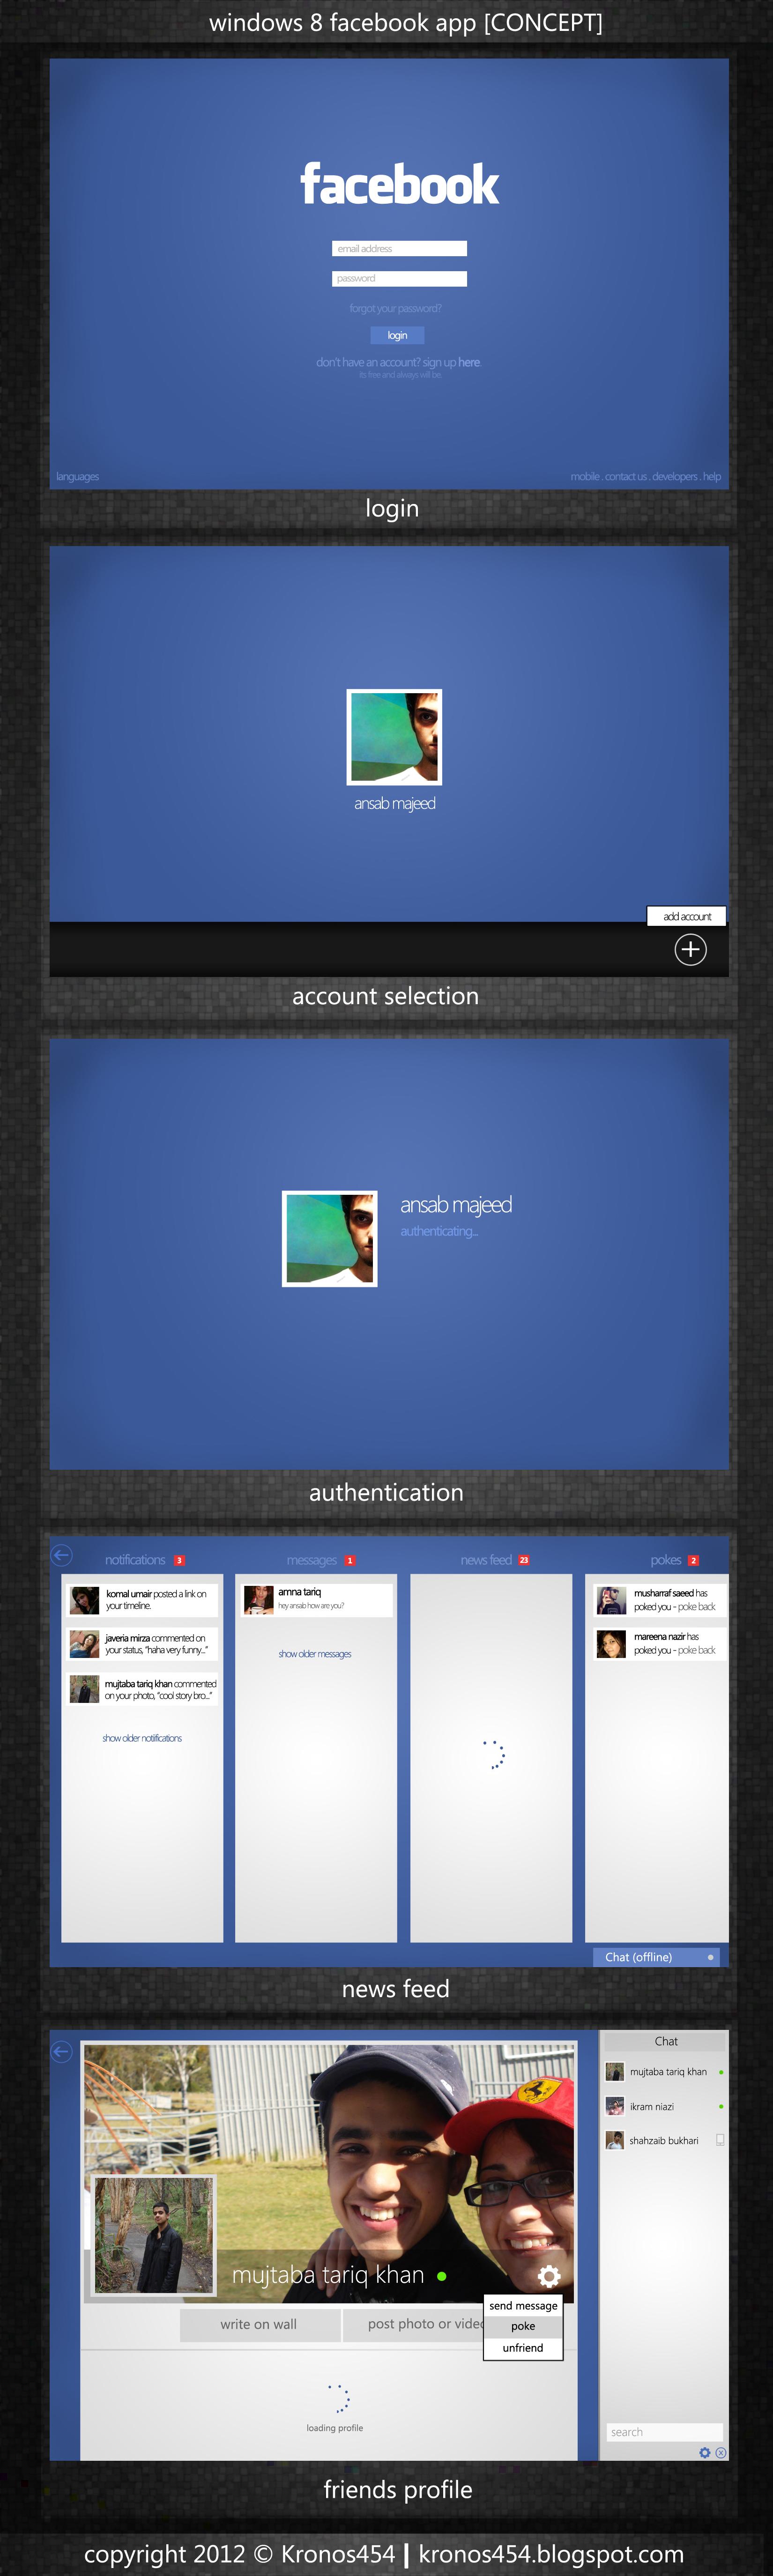 Windows 8 Metro Facebook App by Kronos454